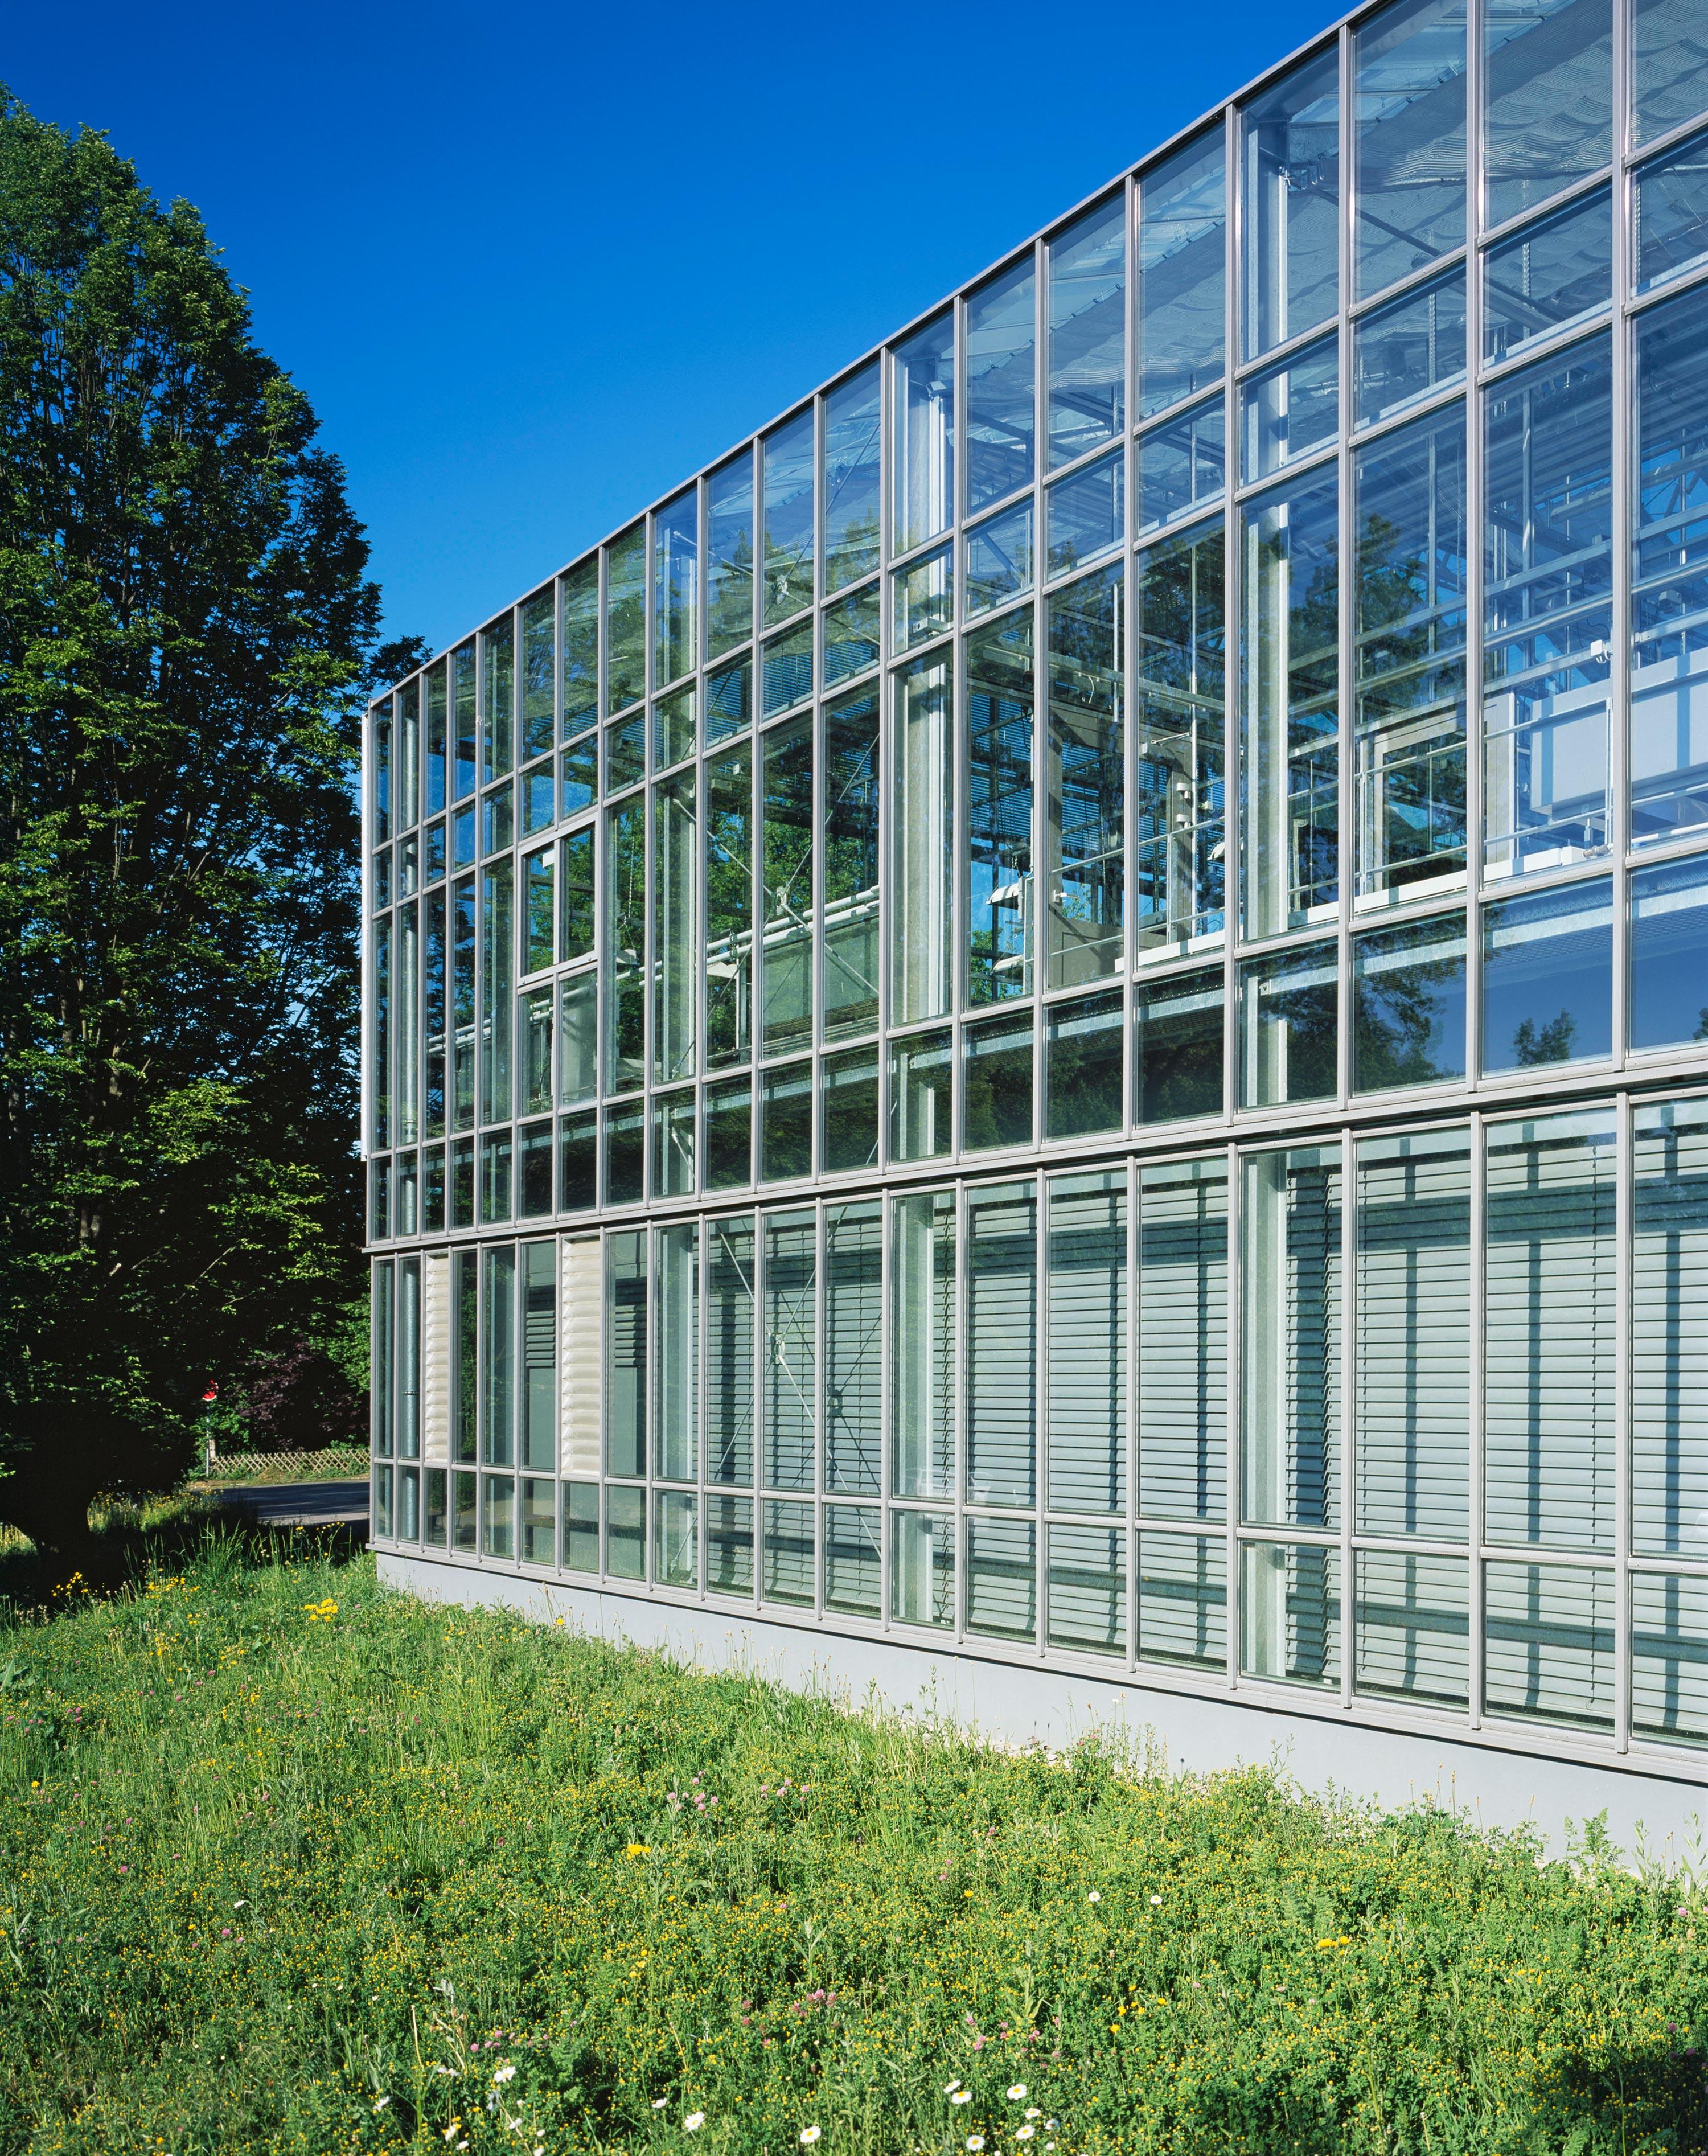 Gewächshaus zur Pflanzenforschung (3)